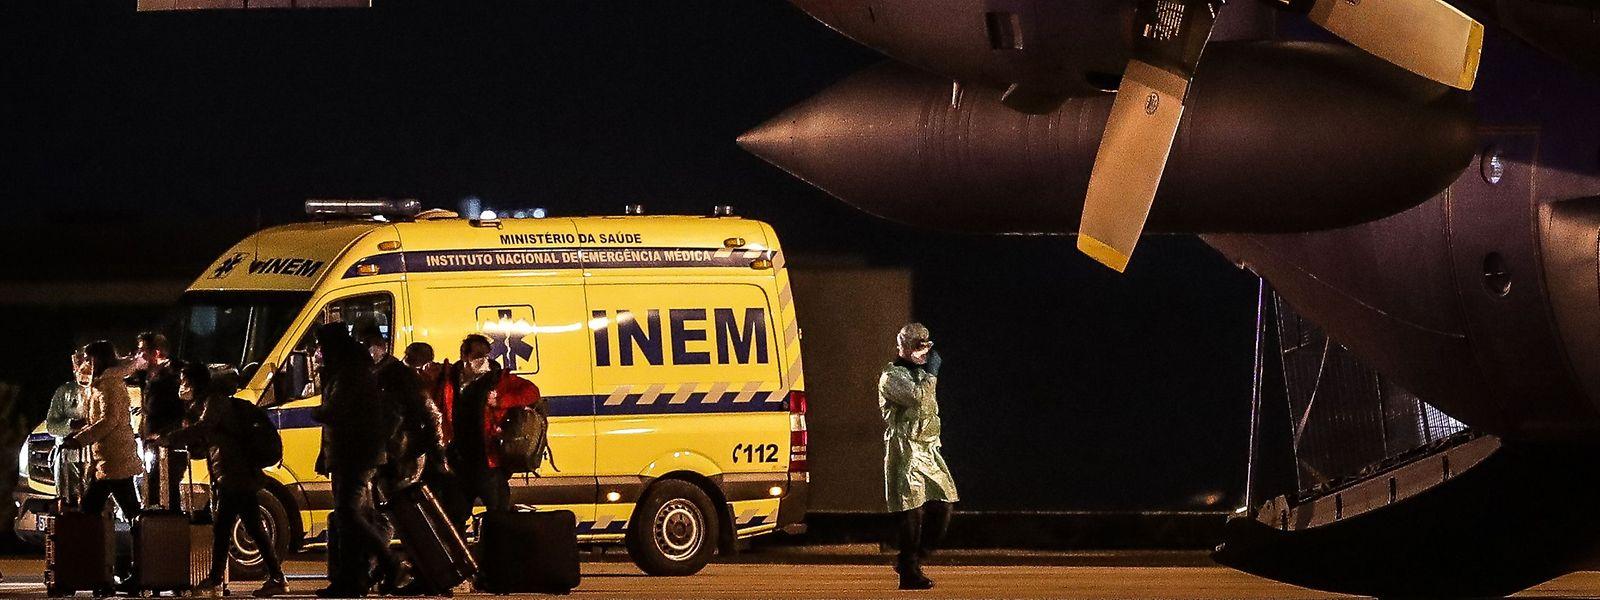 As 20 pessoas que chegaram a Portugal a 2 de fevereiro vindas de Wuhan quiseram voluntariamente estar de quarentena.